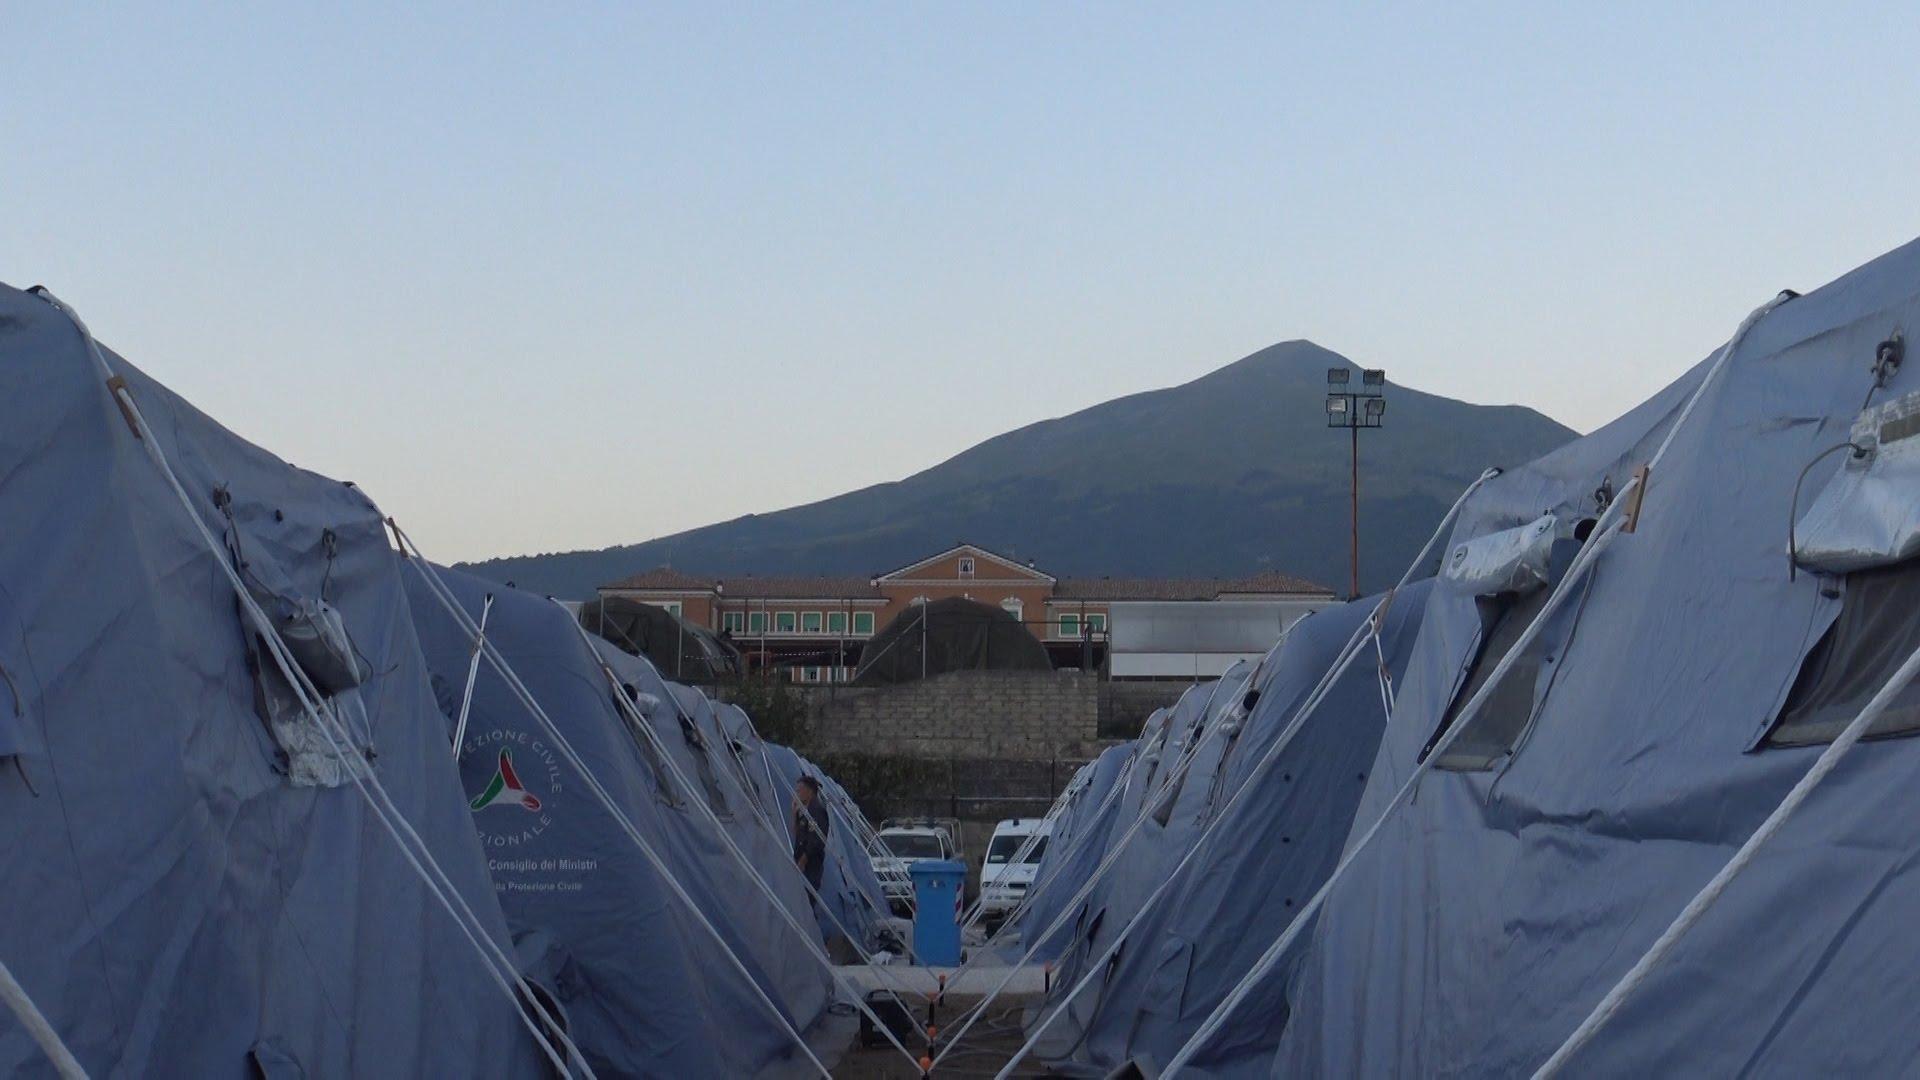 Terremoto centro italia, 2 ottobre: scende ancora la popolazione assistita